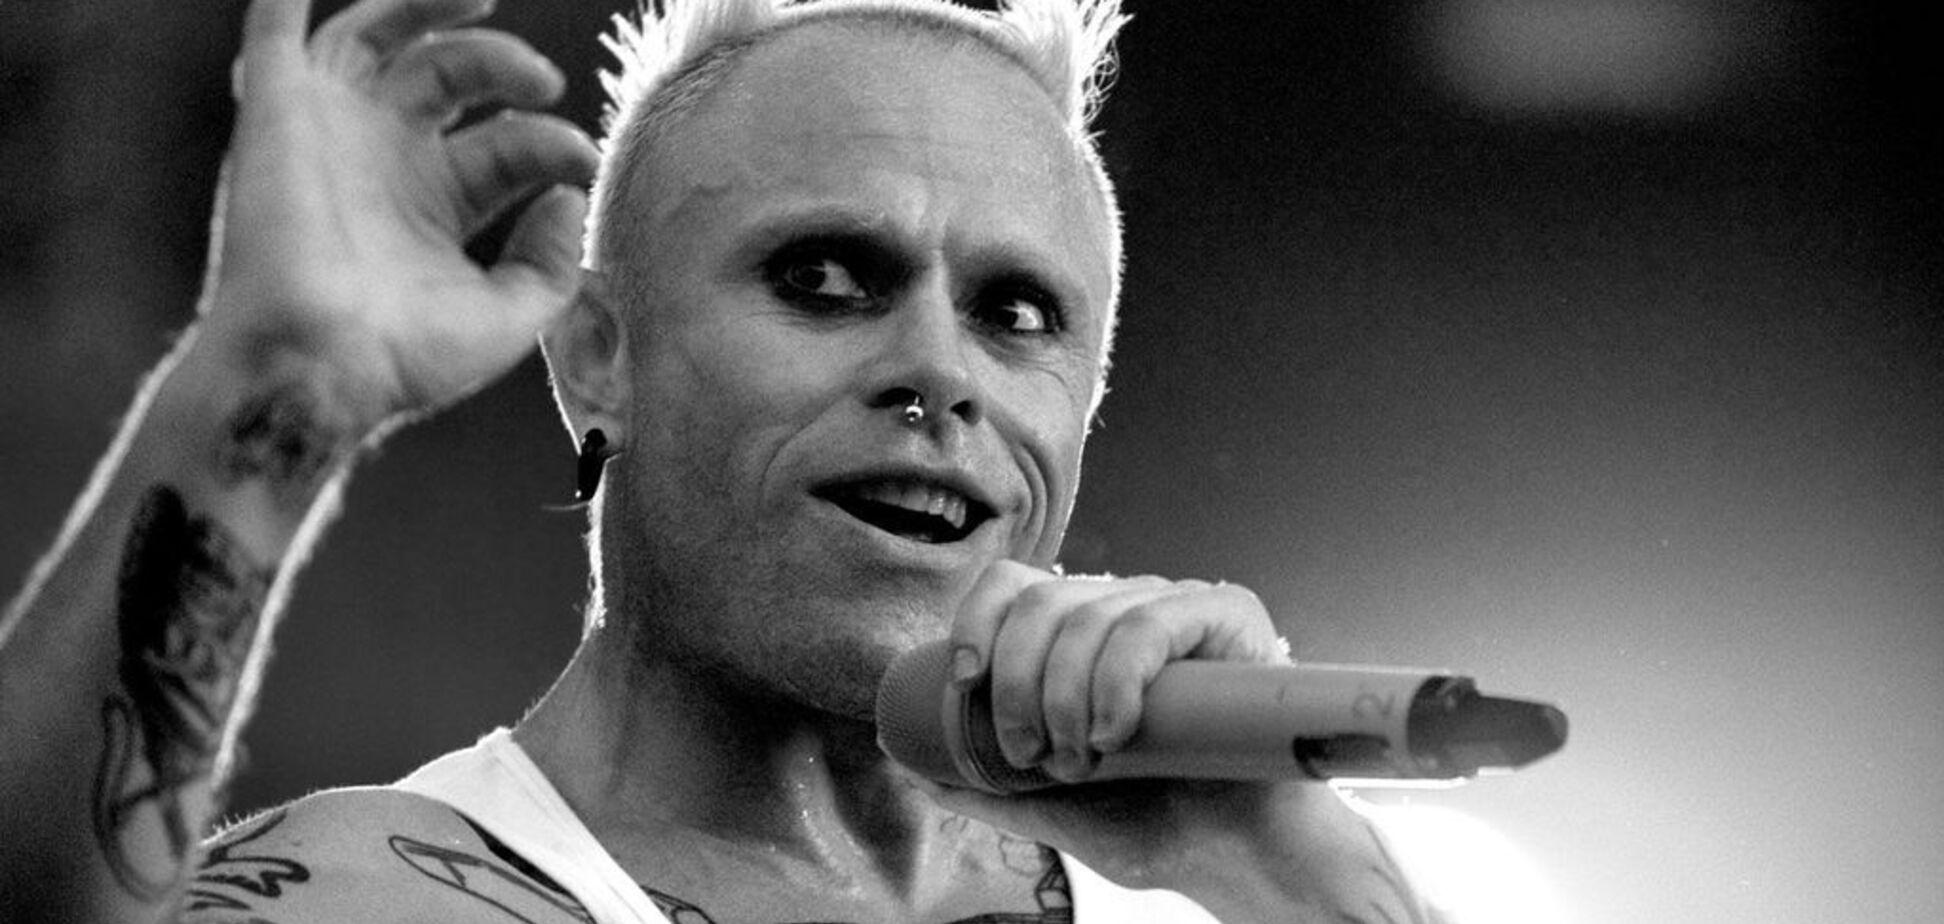 Умер солист The Prodigy: вспоминаем последнее выступление группы в Украине